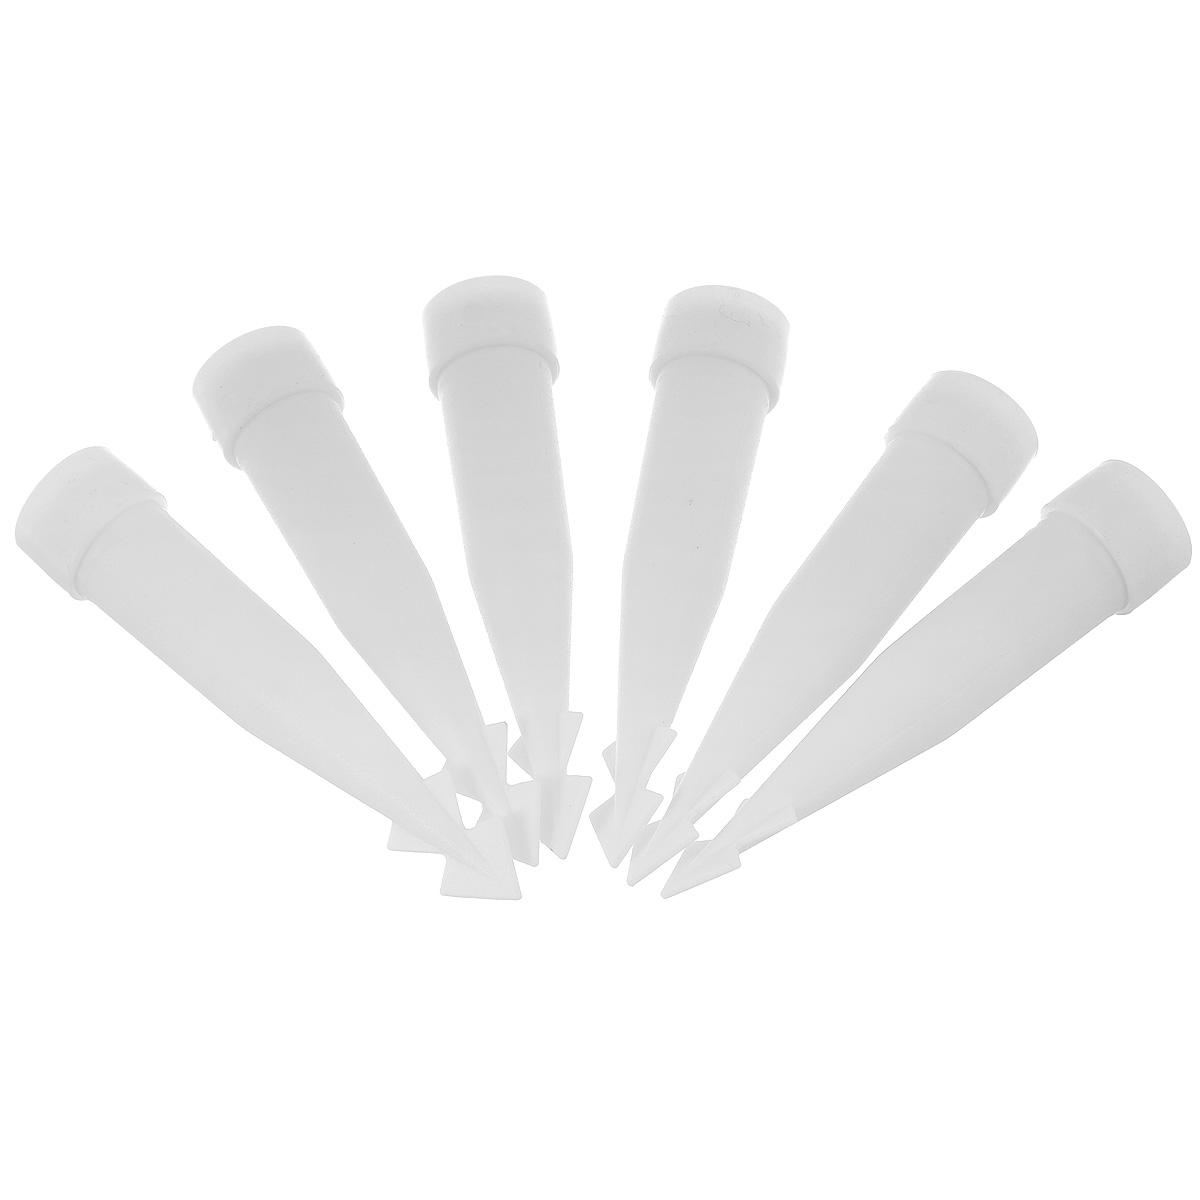 Клин-держатель для живых цветов на торте Wilton, 6 шт кир булычев клин клином